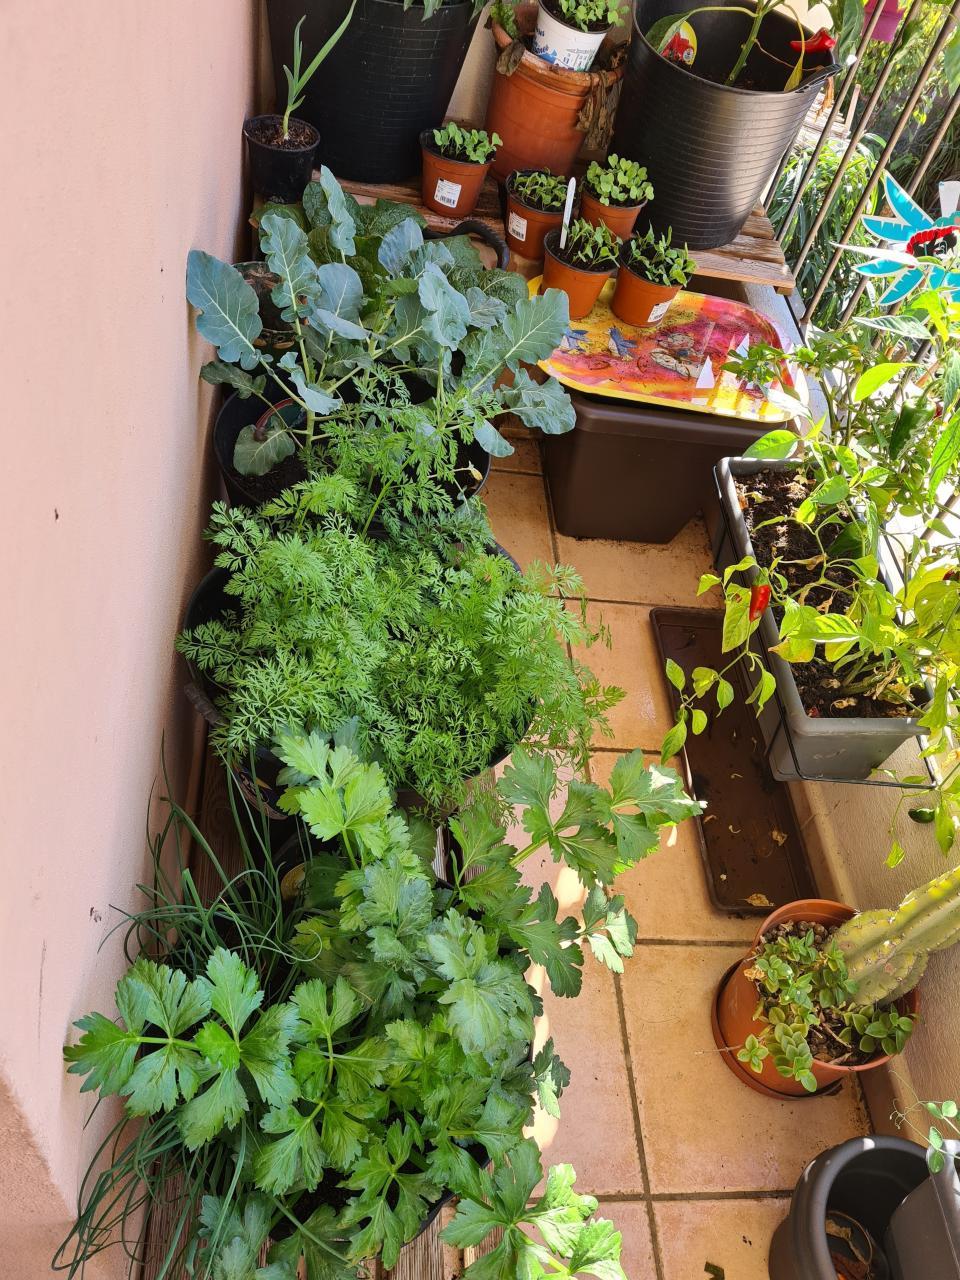 Linda's 'little garden'